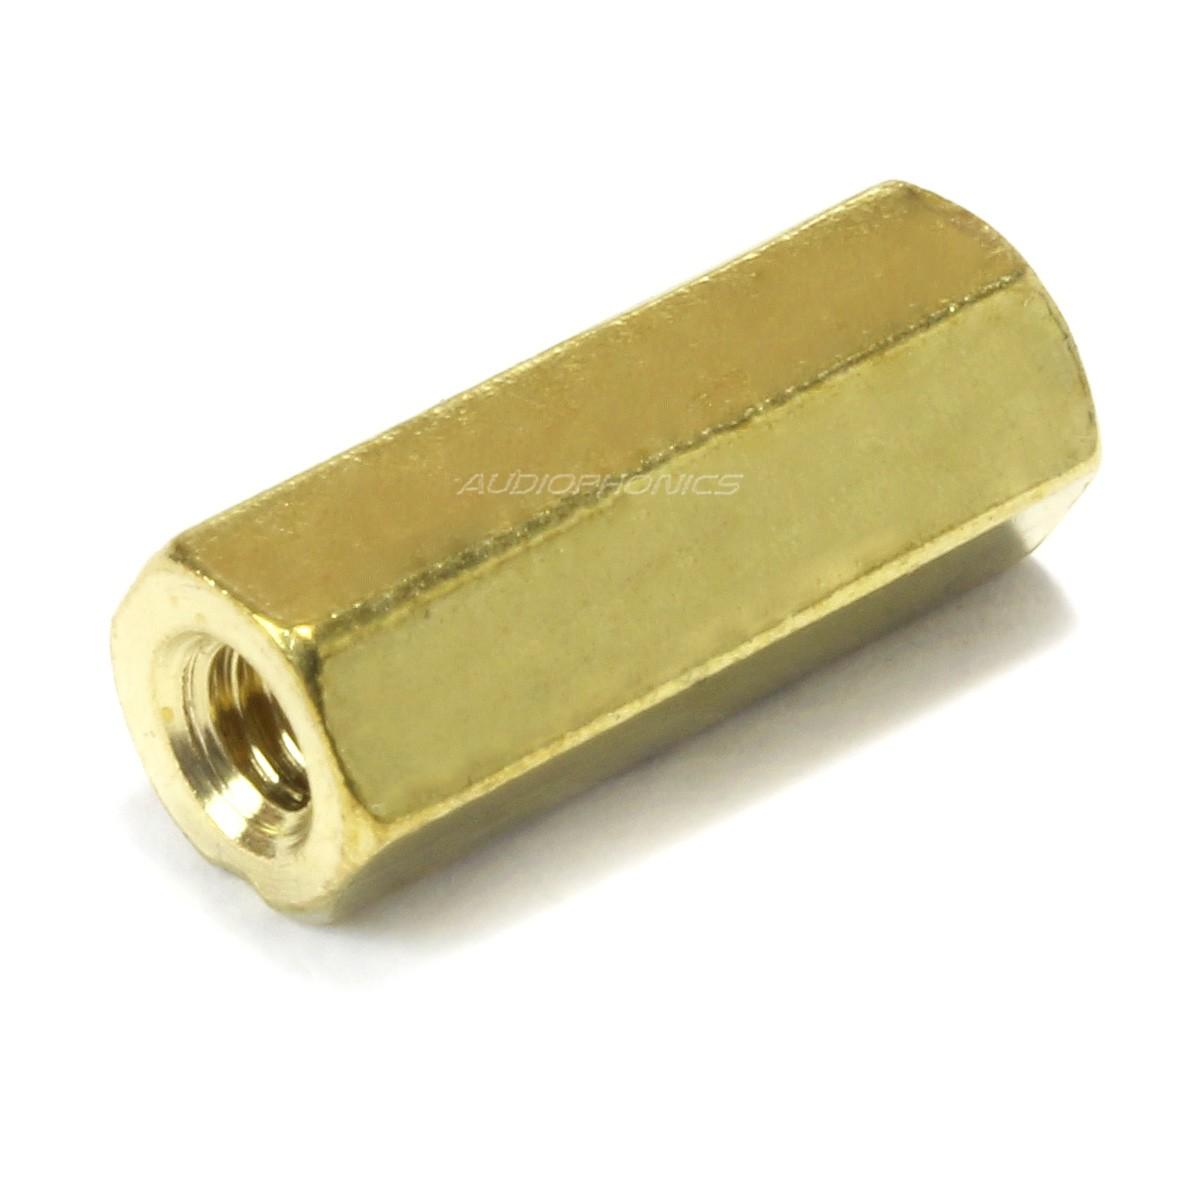 Brass Spacers M2.5x12mm Female / Female (x10)